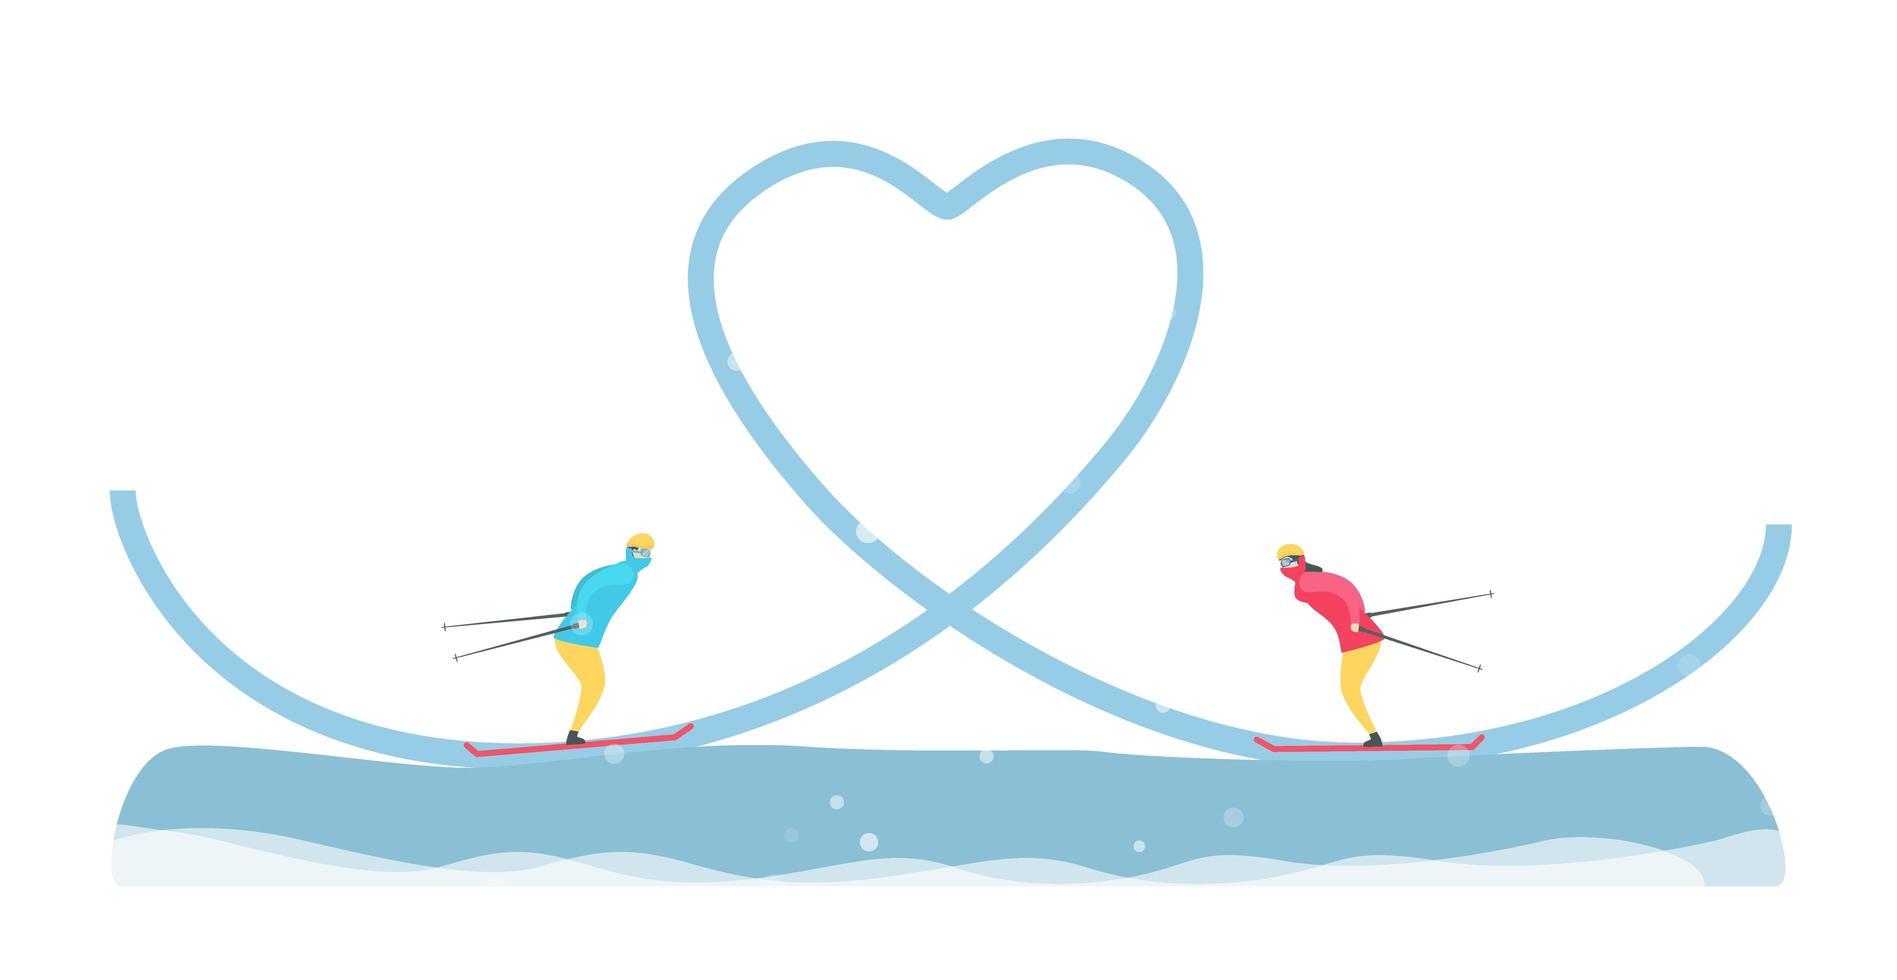 par romântico de esqui na pista do coração vetor